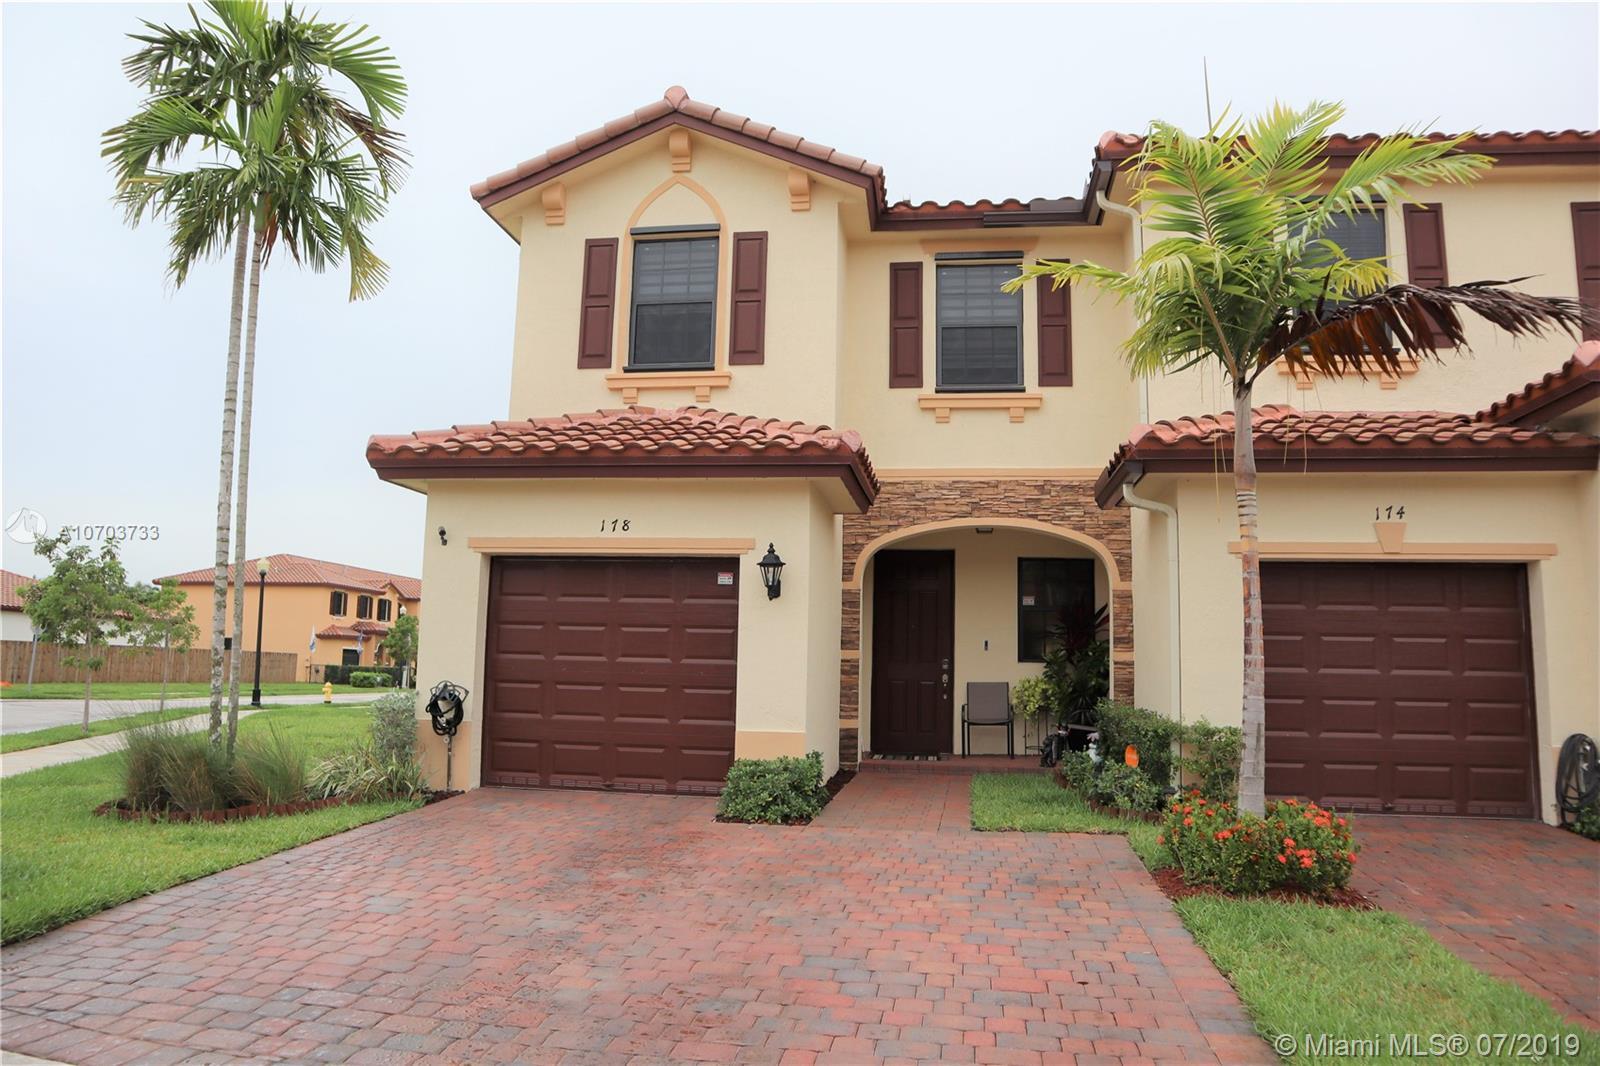 178 SE 34 Ter, Homestead, FL 33033 - Homestead, FL real estate listing